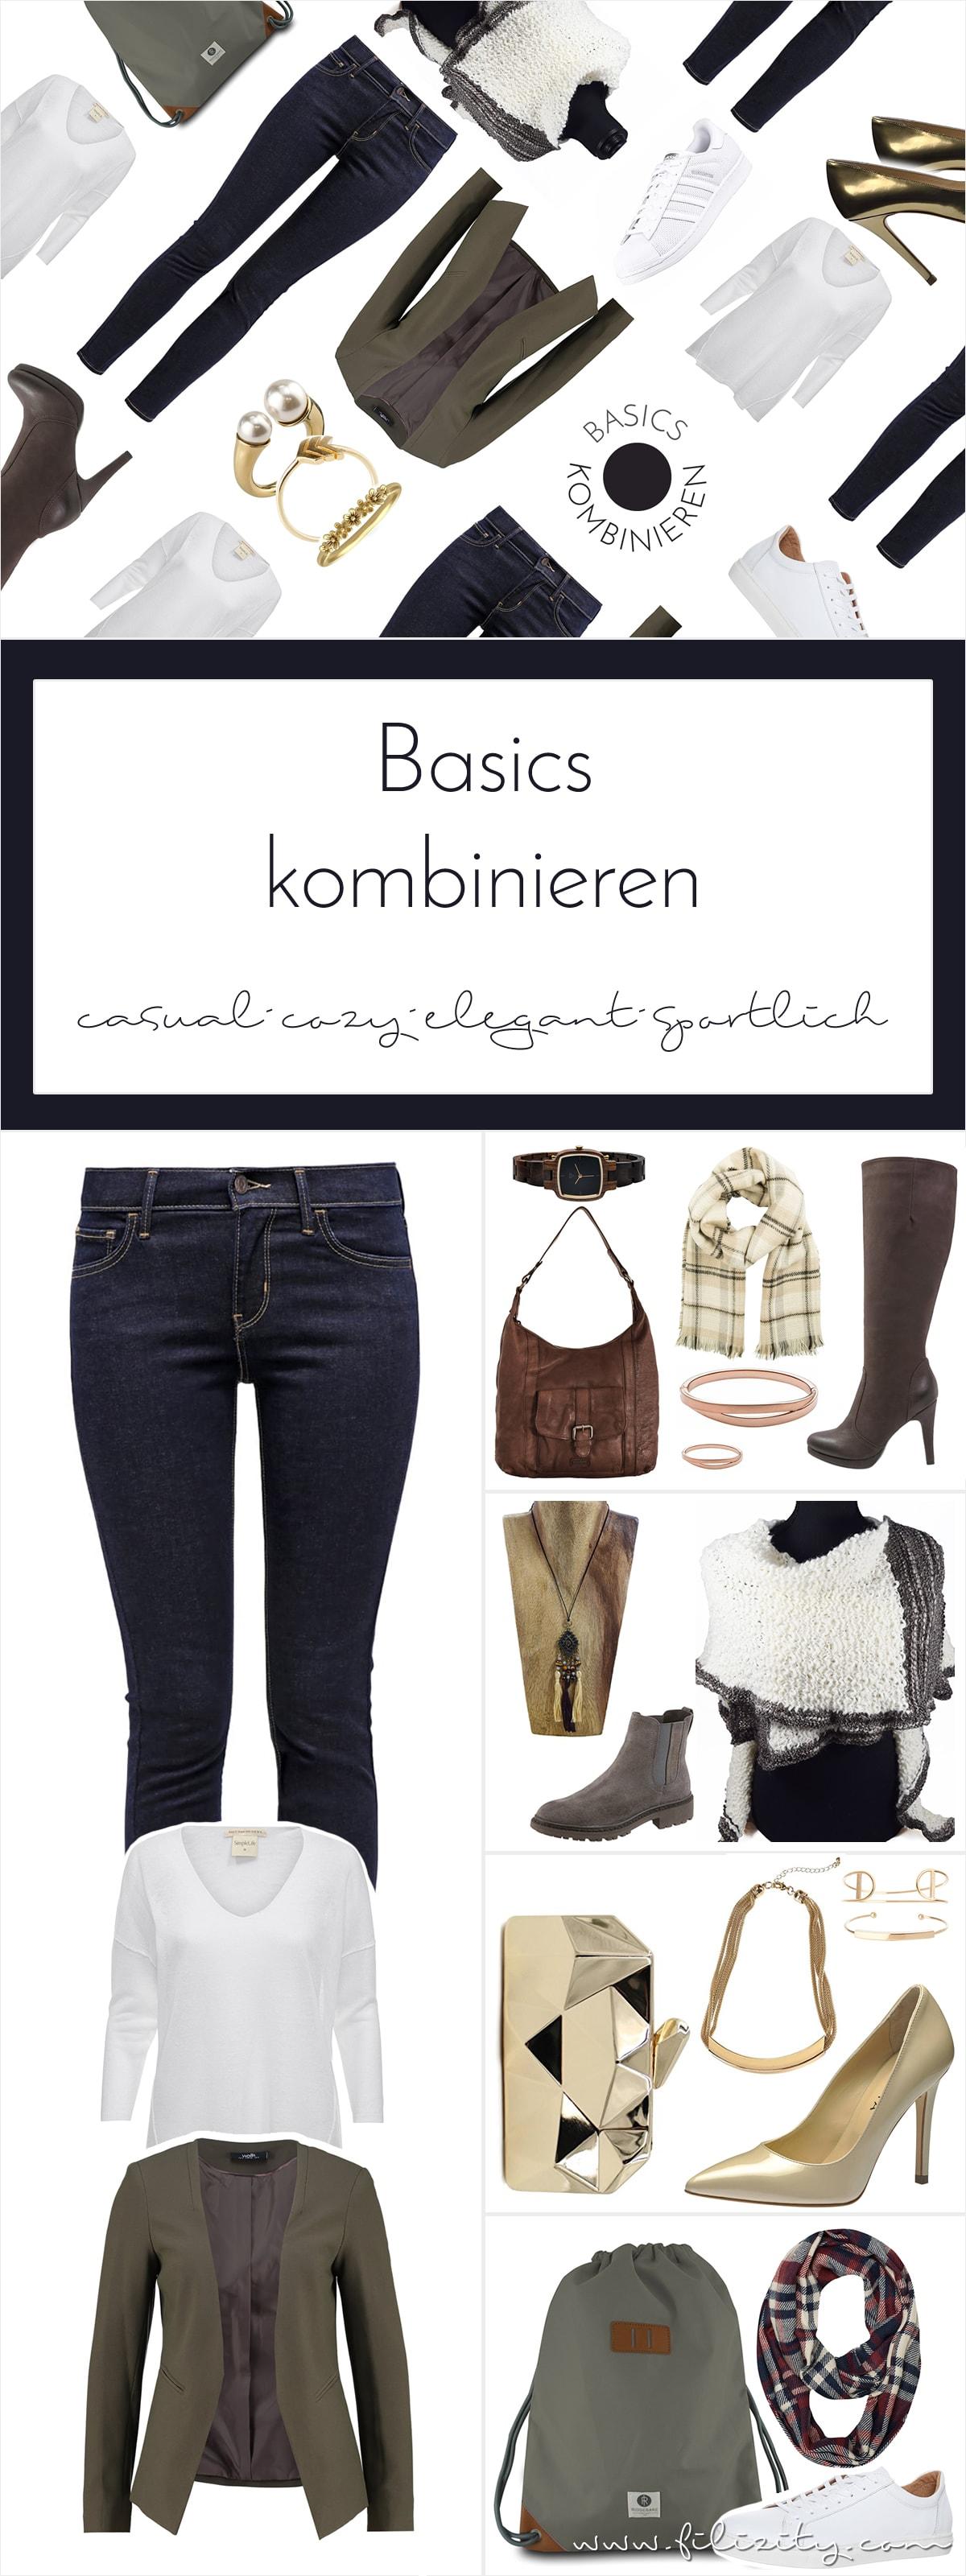 4 Looks für den Herbst mit Jeans, Pullover und Blazerjacke